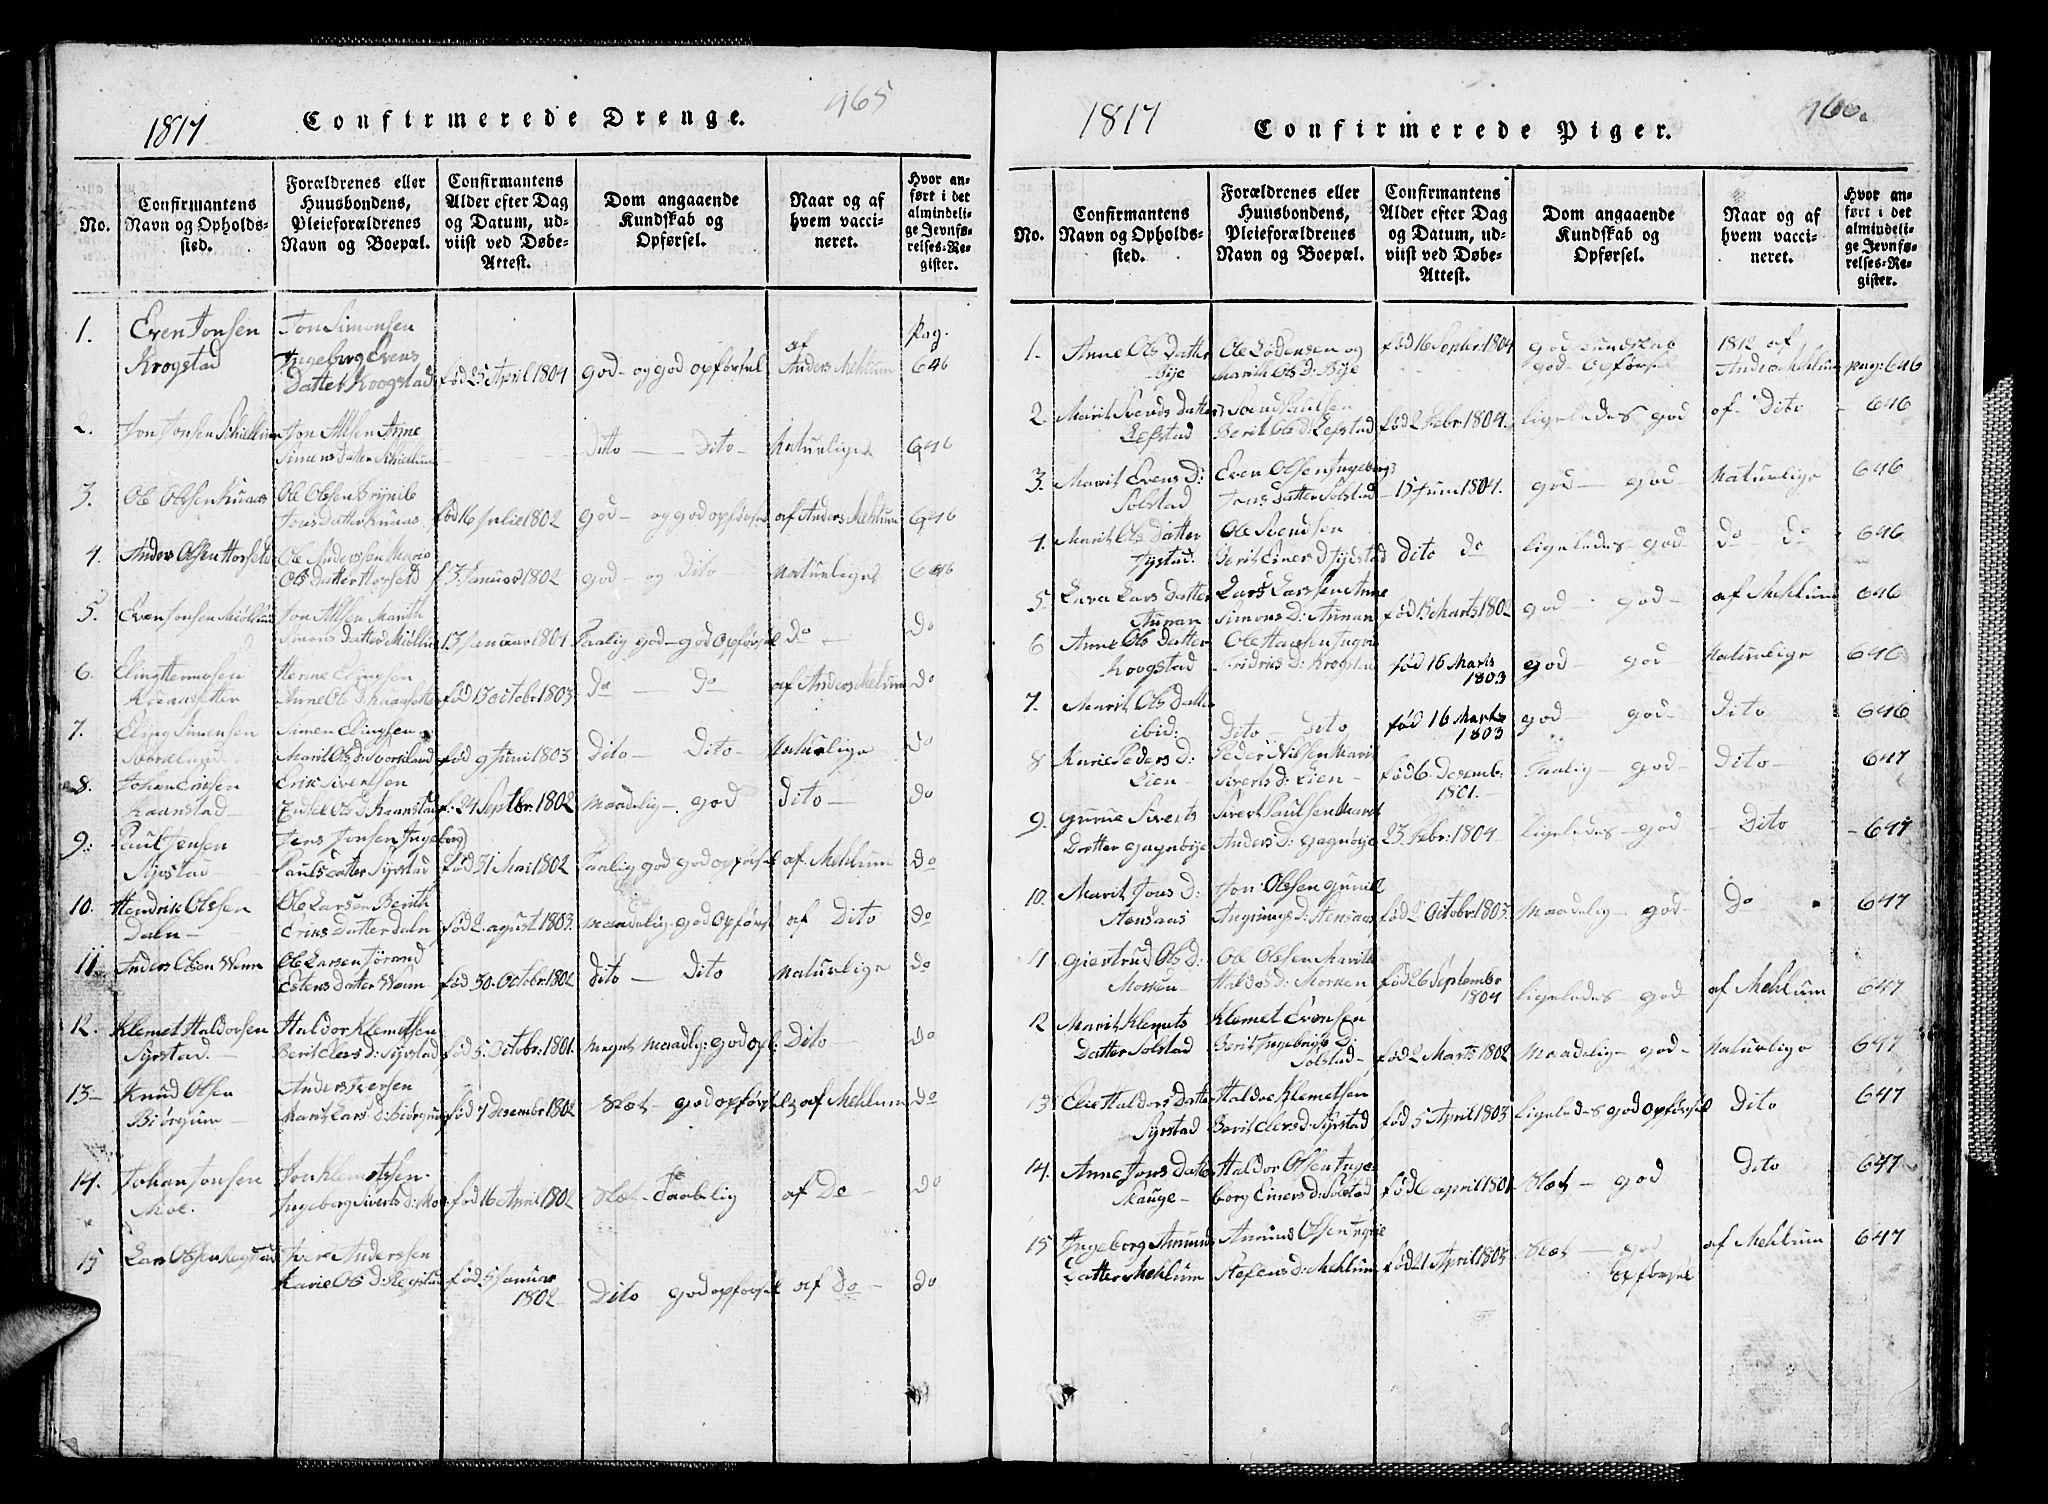 SAT, Ministerialprotokoller, klokkerbøker og fødselsregistre - Sør-Trøndelag, 667/L0796: Klokkerbok nr. 667C01, 1817-1836, s. 465-466